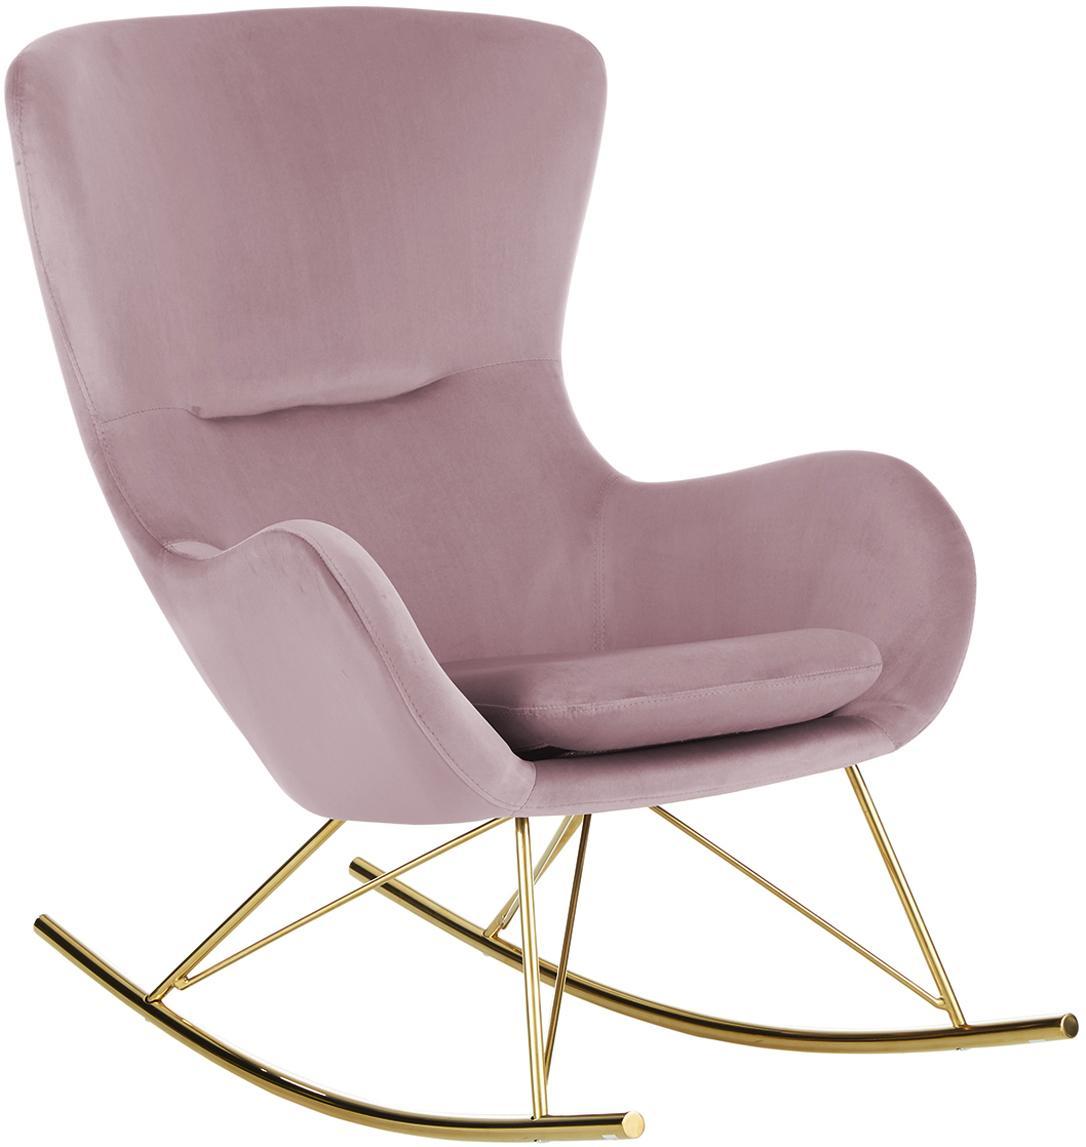 MecedoraWing, Tapizado: terciopelo (poliéster) Al, Estructura: metal galvanizado, Terciopelo rosa, An 66 x F 102 cm